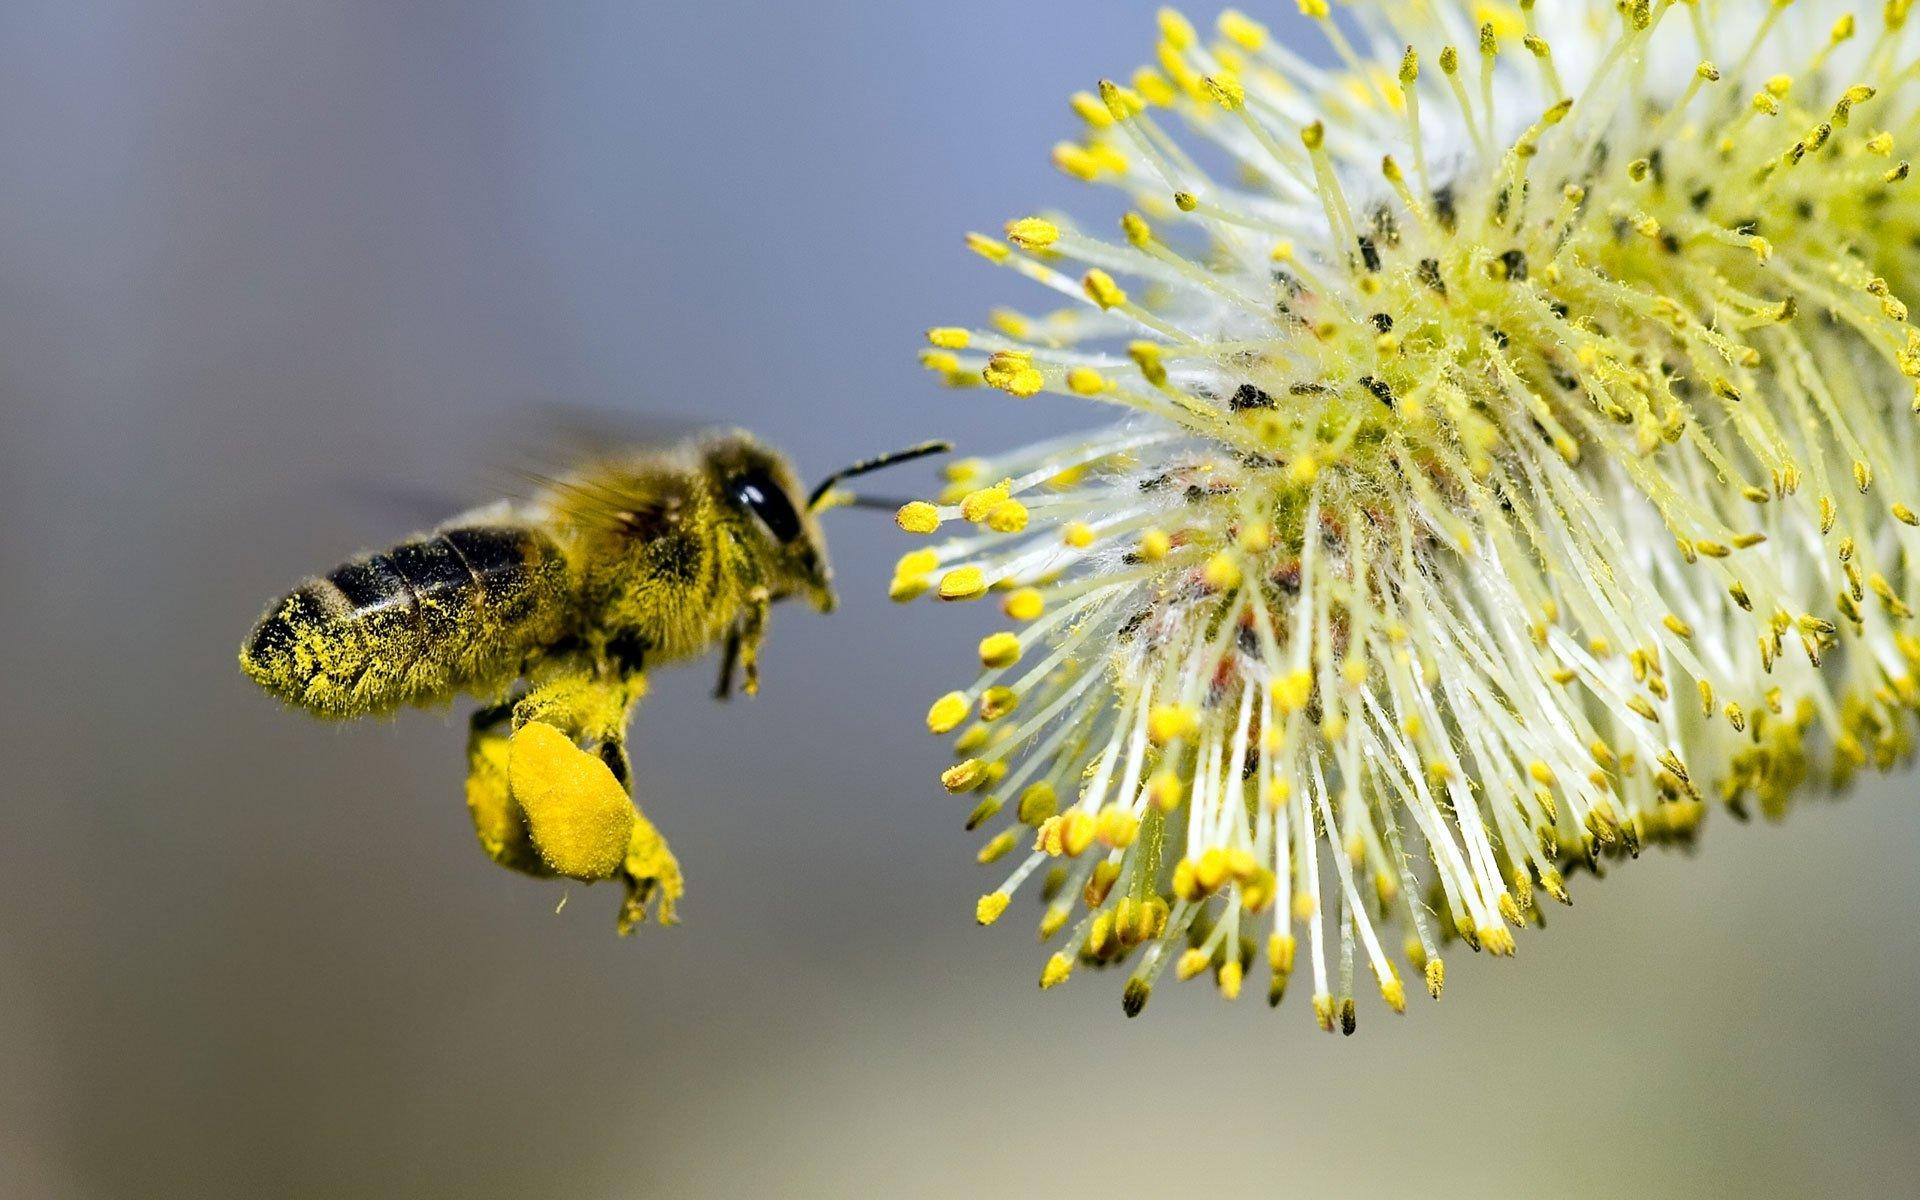 К пыльце опасно прикасаться